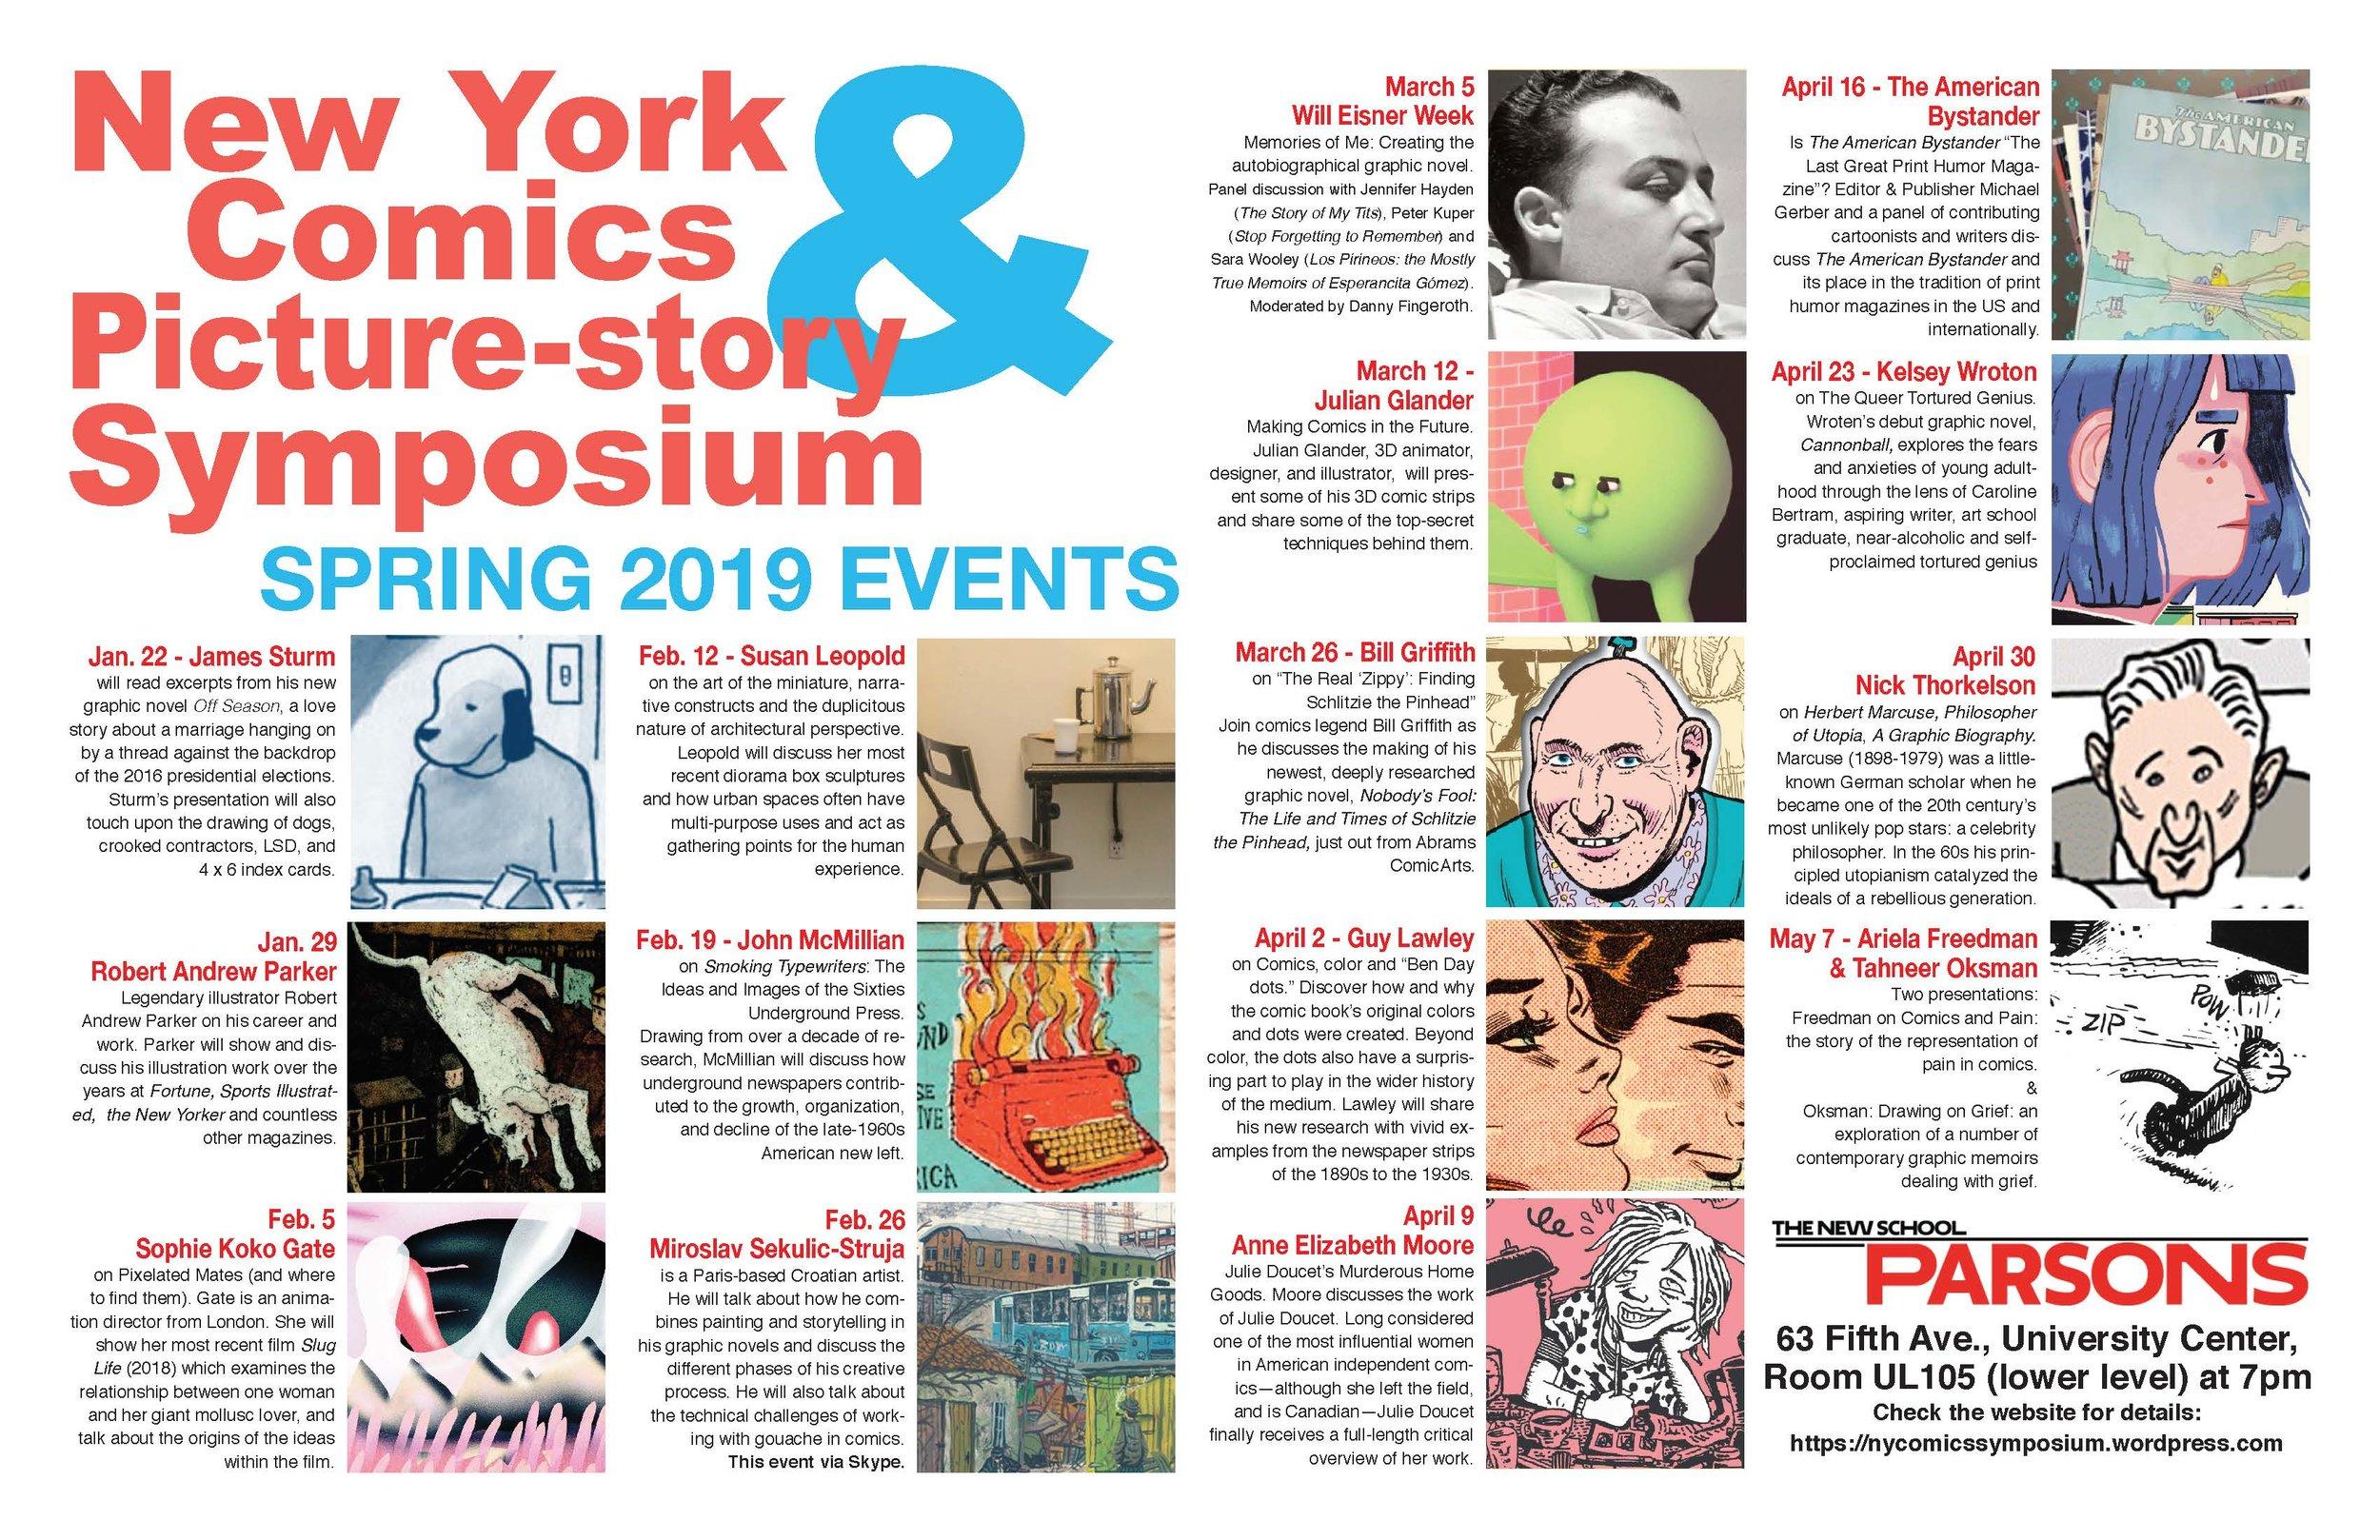 spring-2019-symposium-poster.jpg